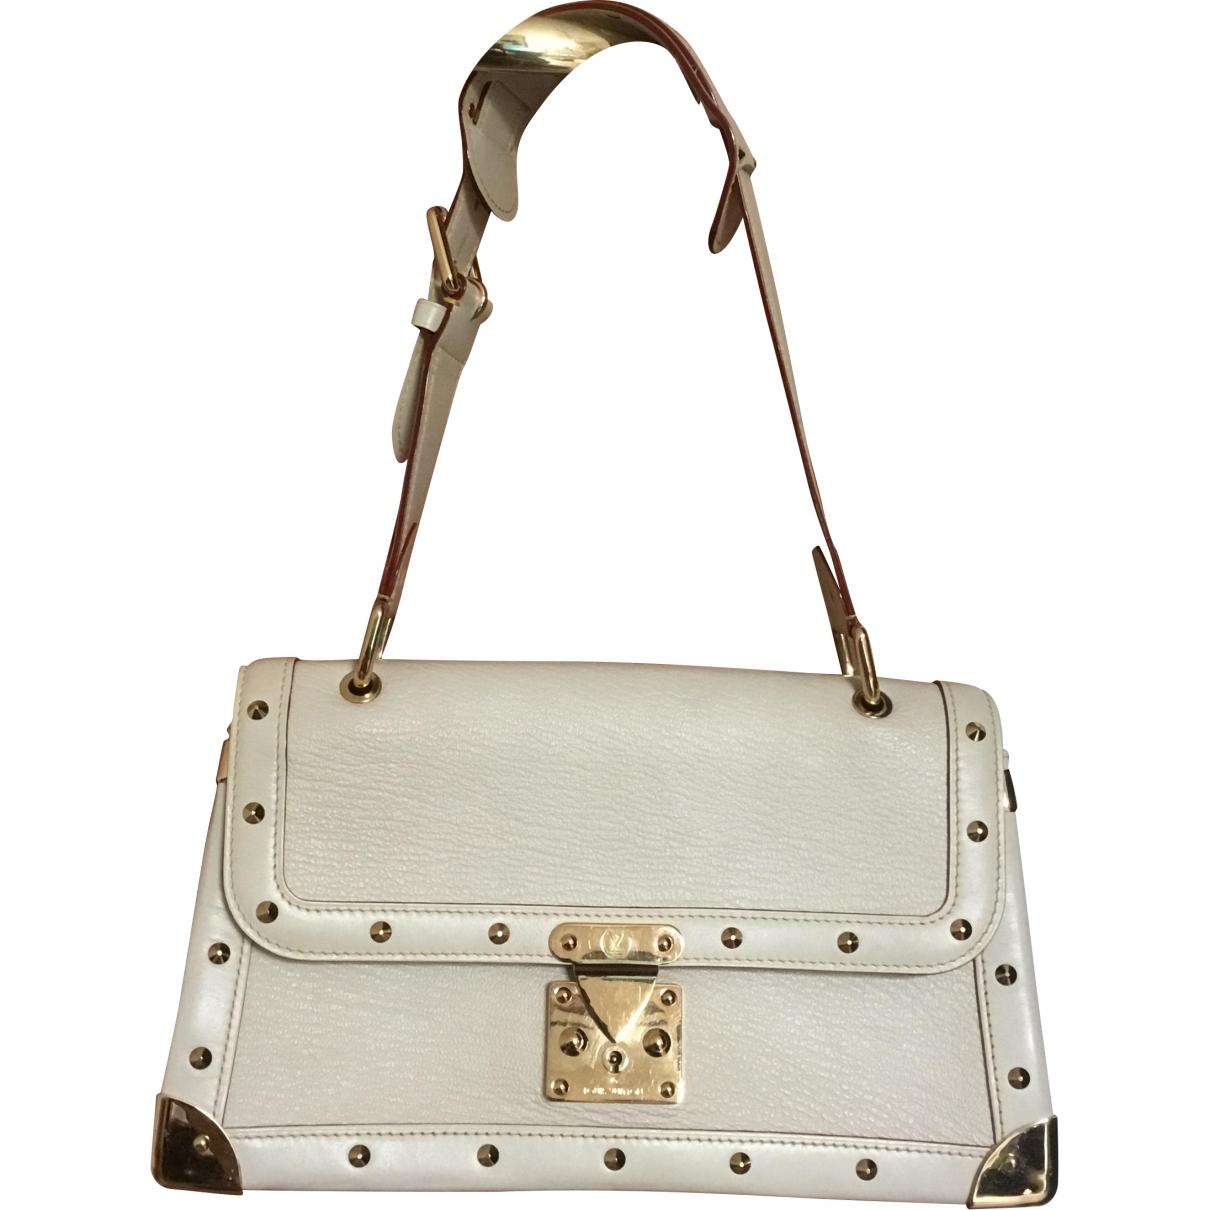 Louis Vuitton Le Talentueux White Leather handbag for Women \N